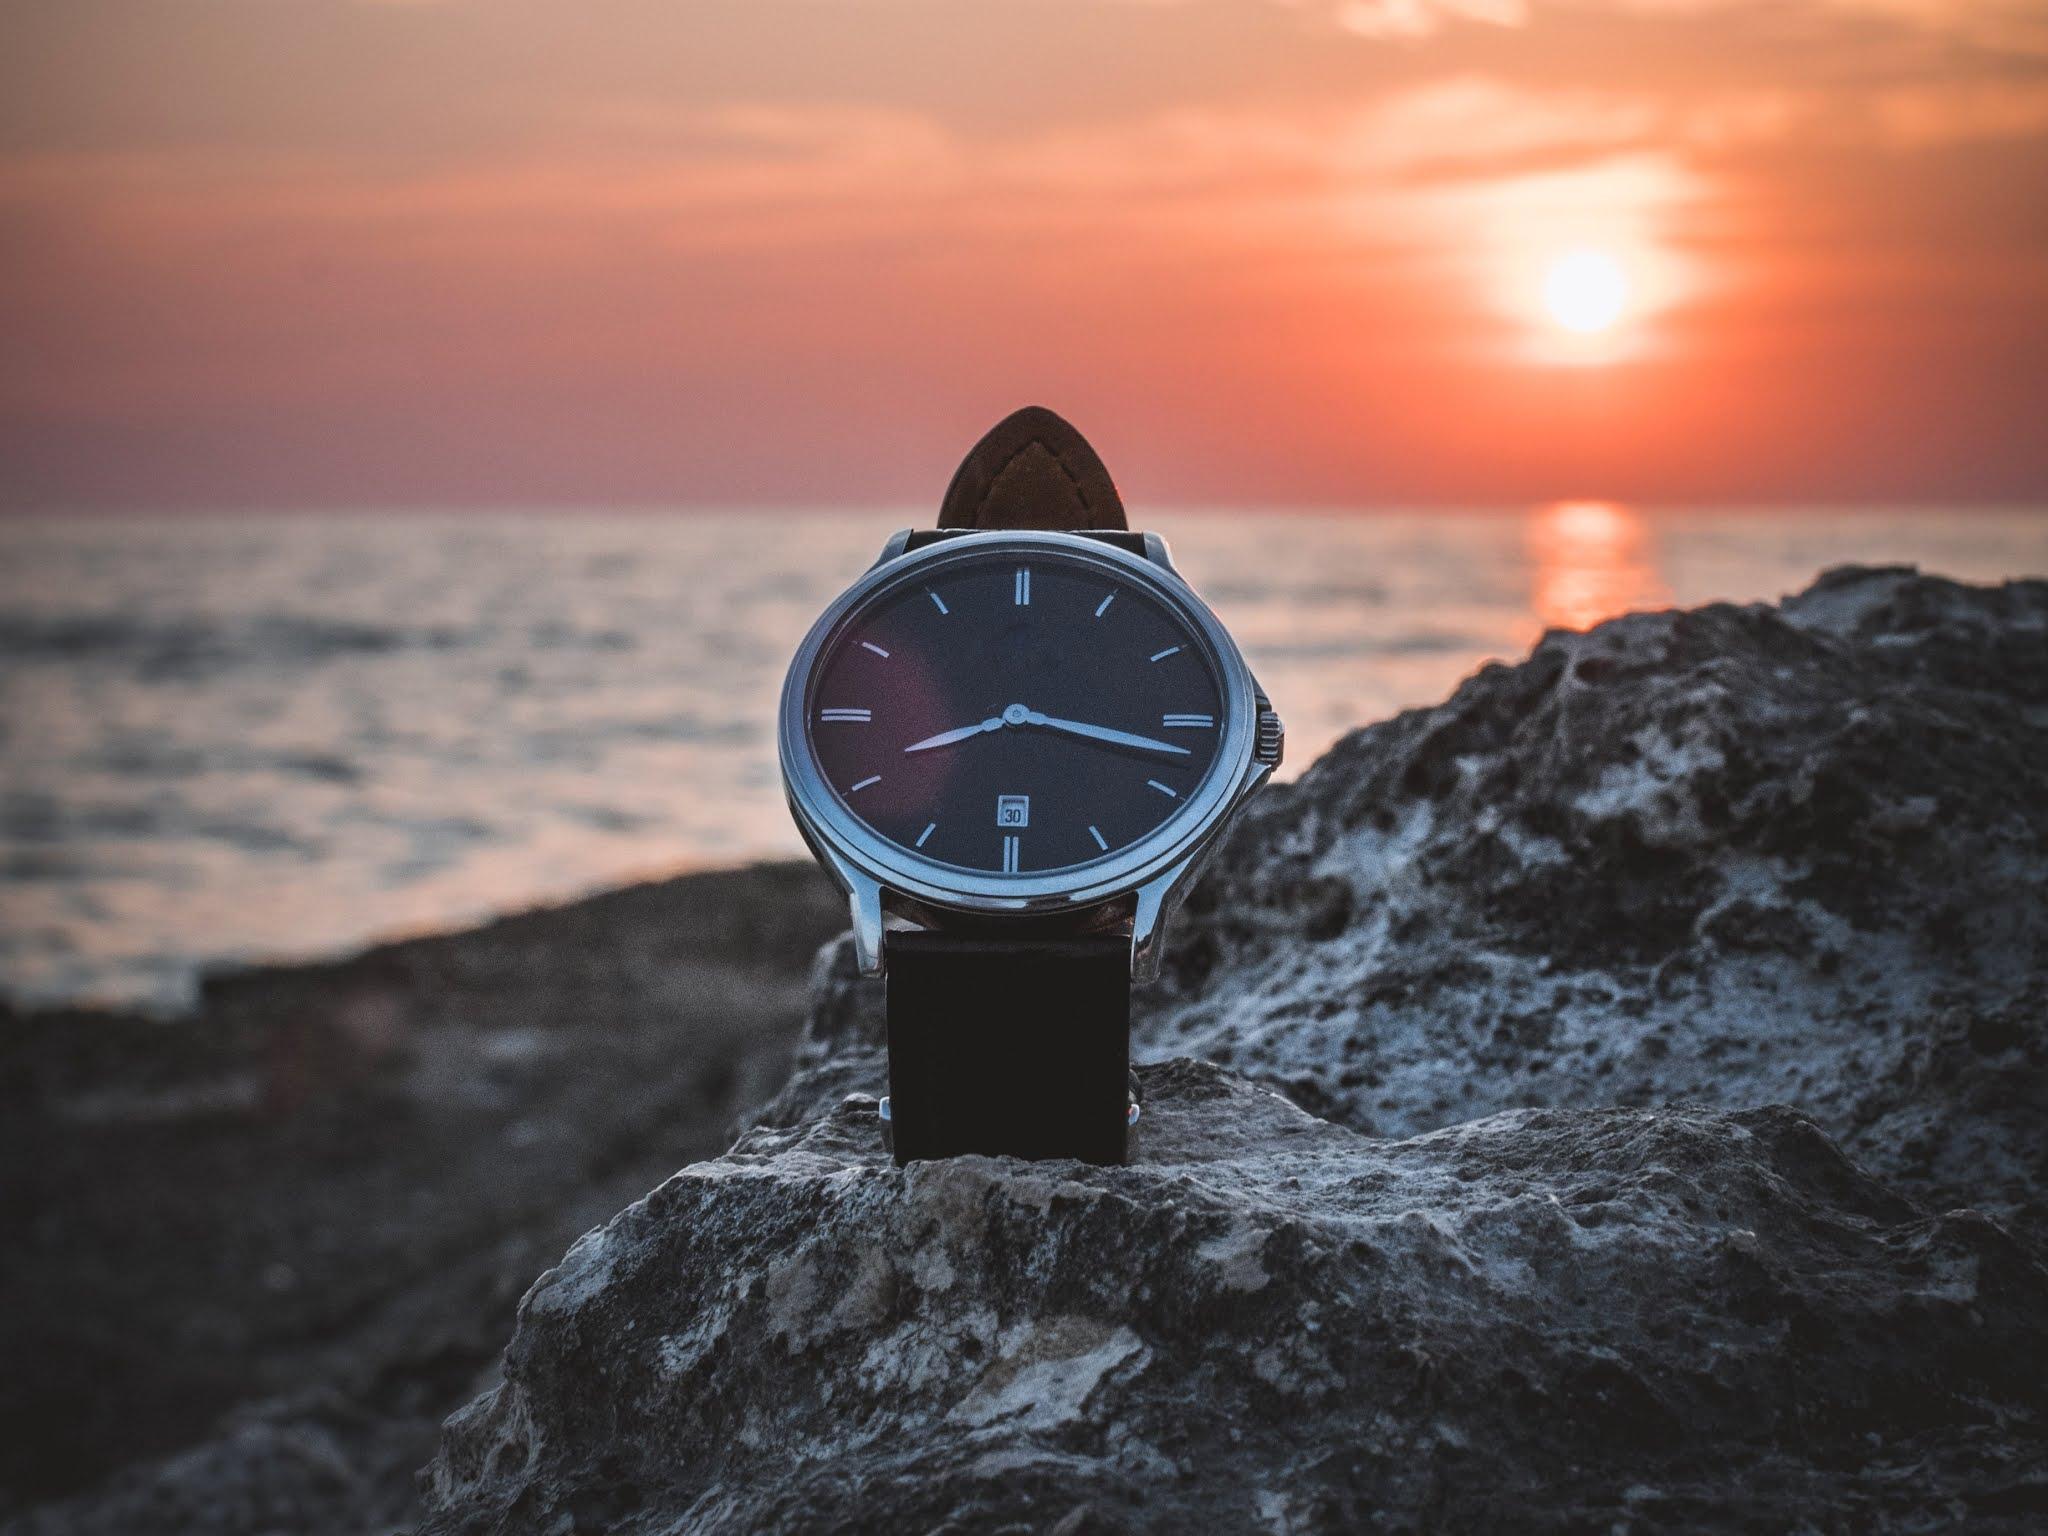 Gustowne zegarki dla mężczyzn